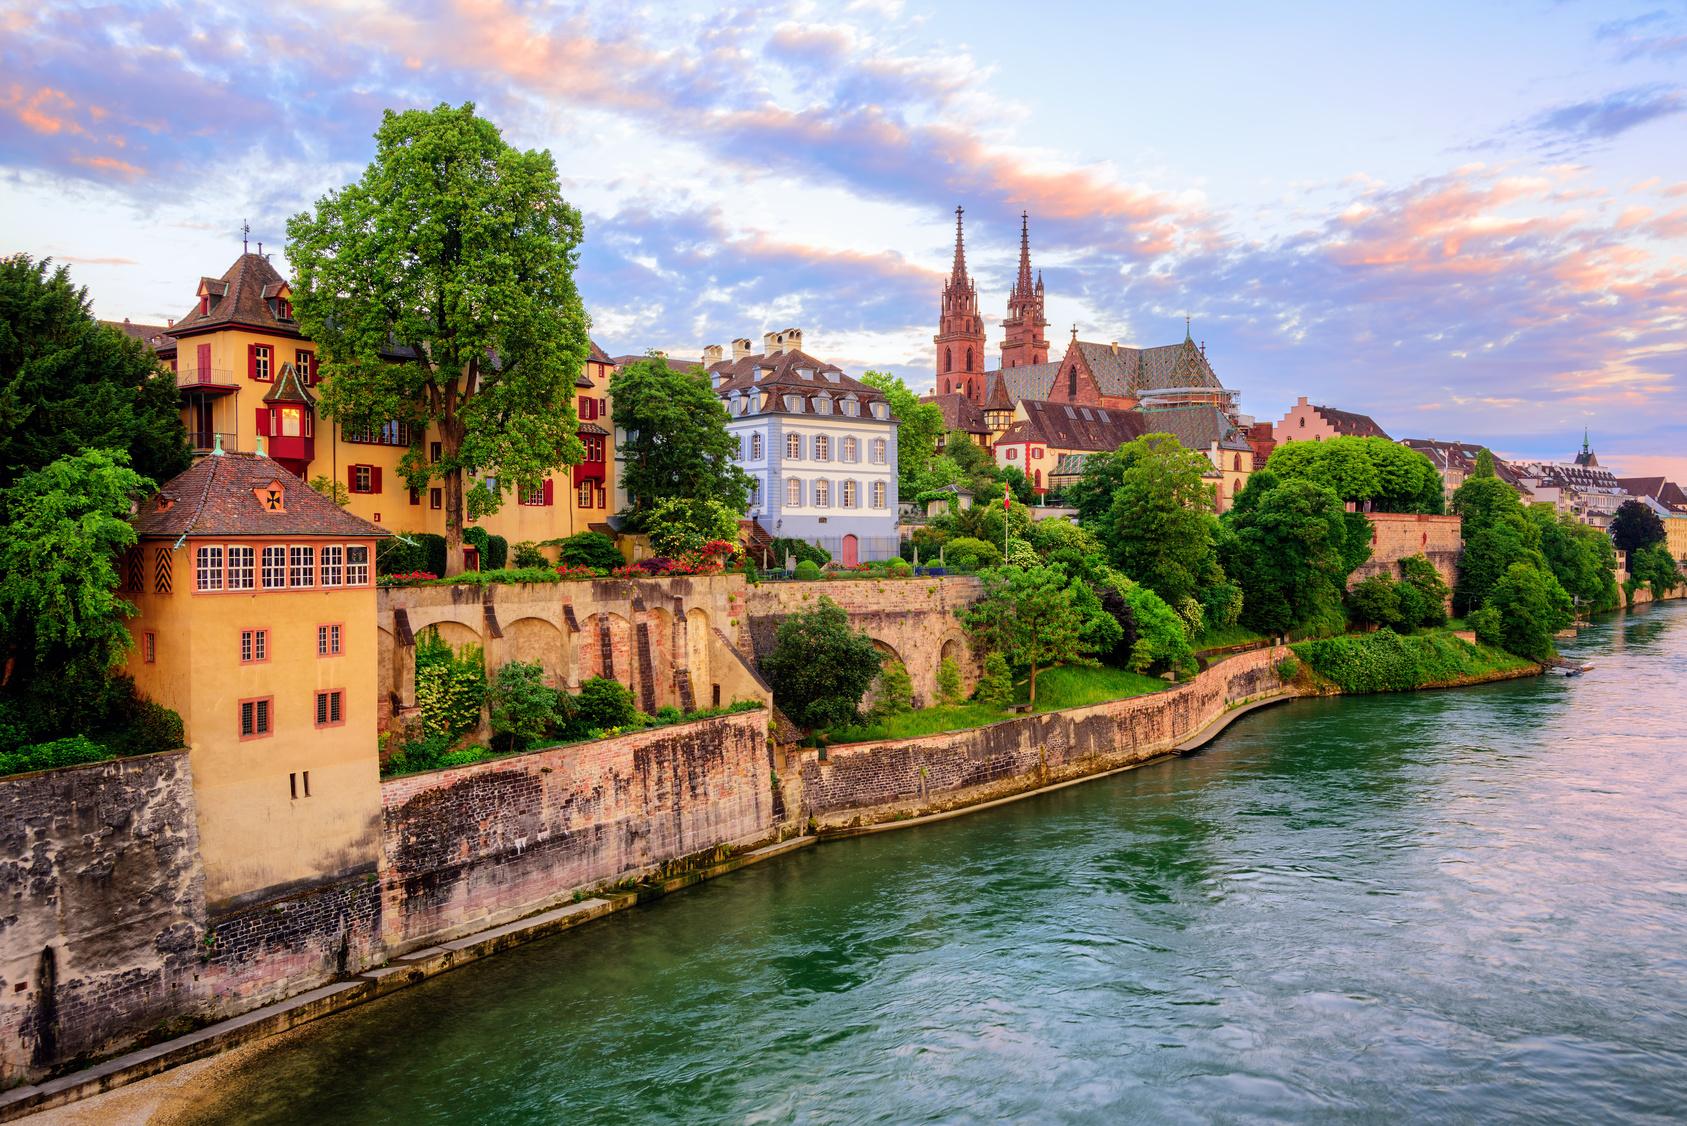 Blick auf die Altstadt von Basel